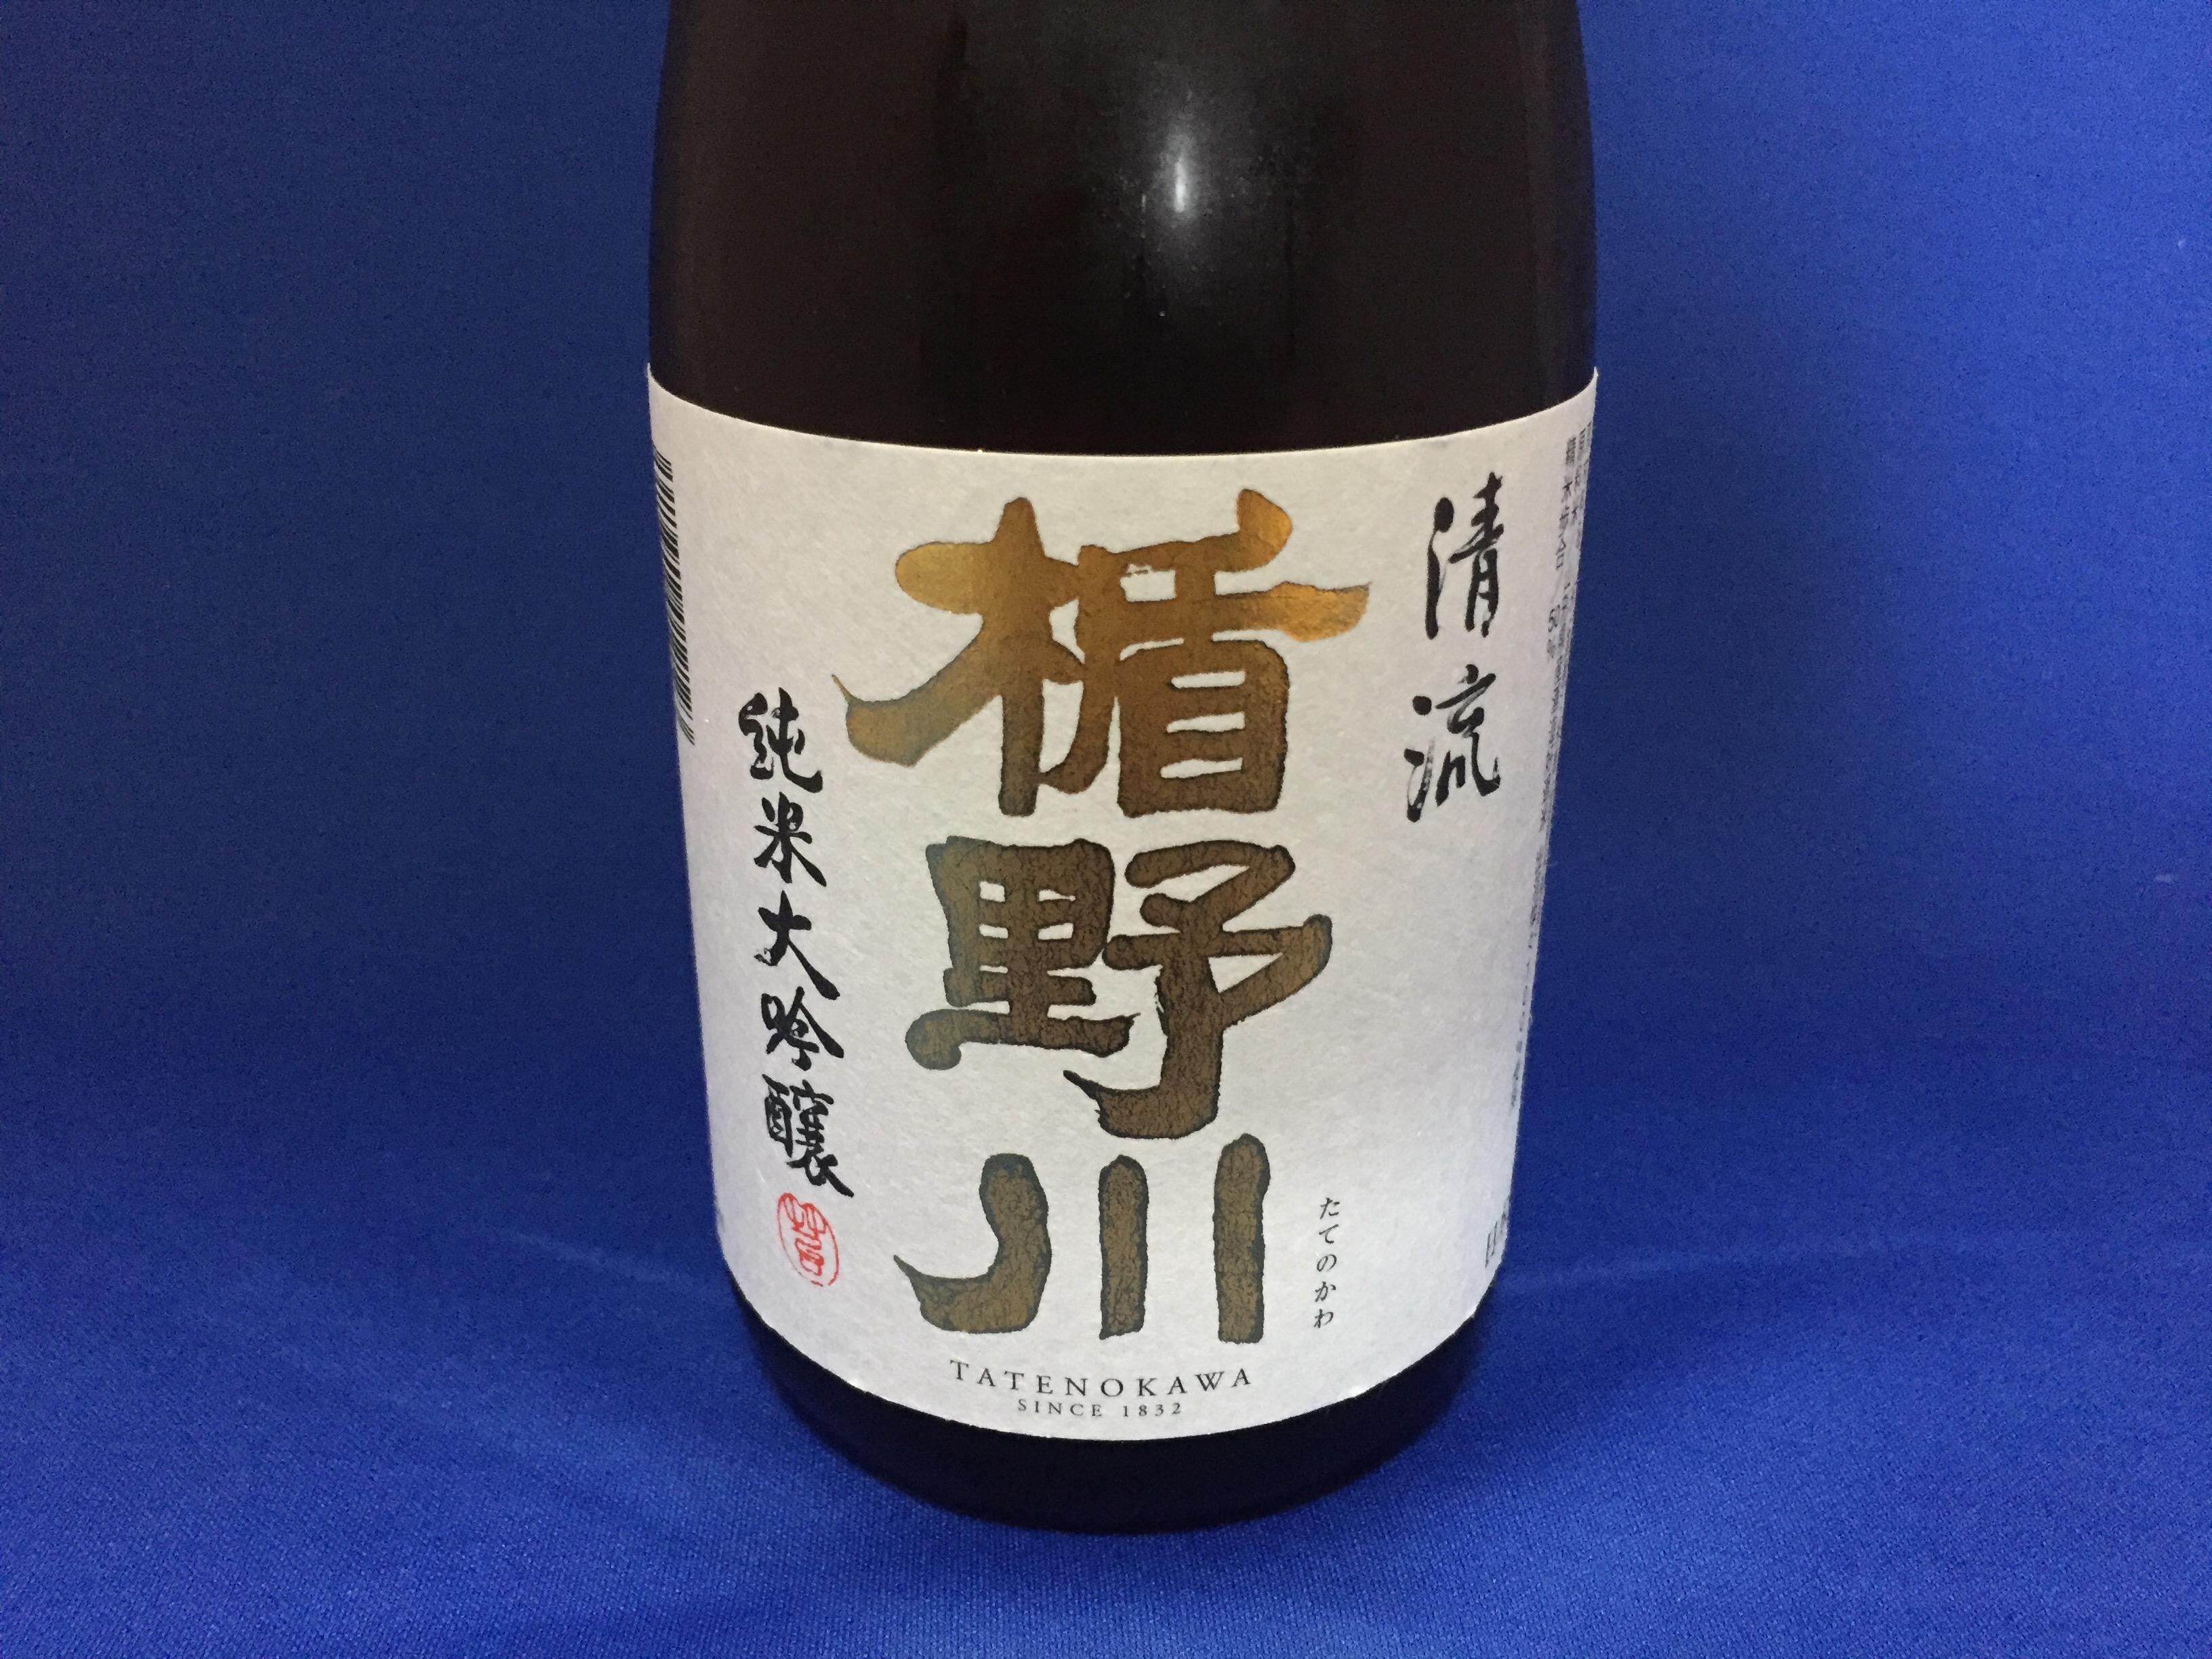 """全量純米大吟醸へのこだわり 庄内から世界を目指す""""楯野川"""""""